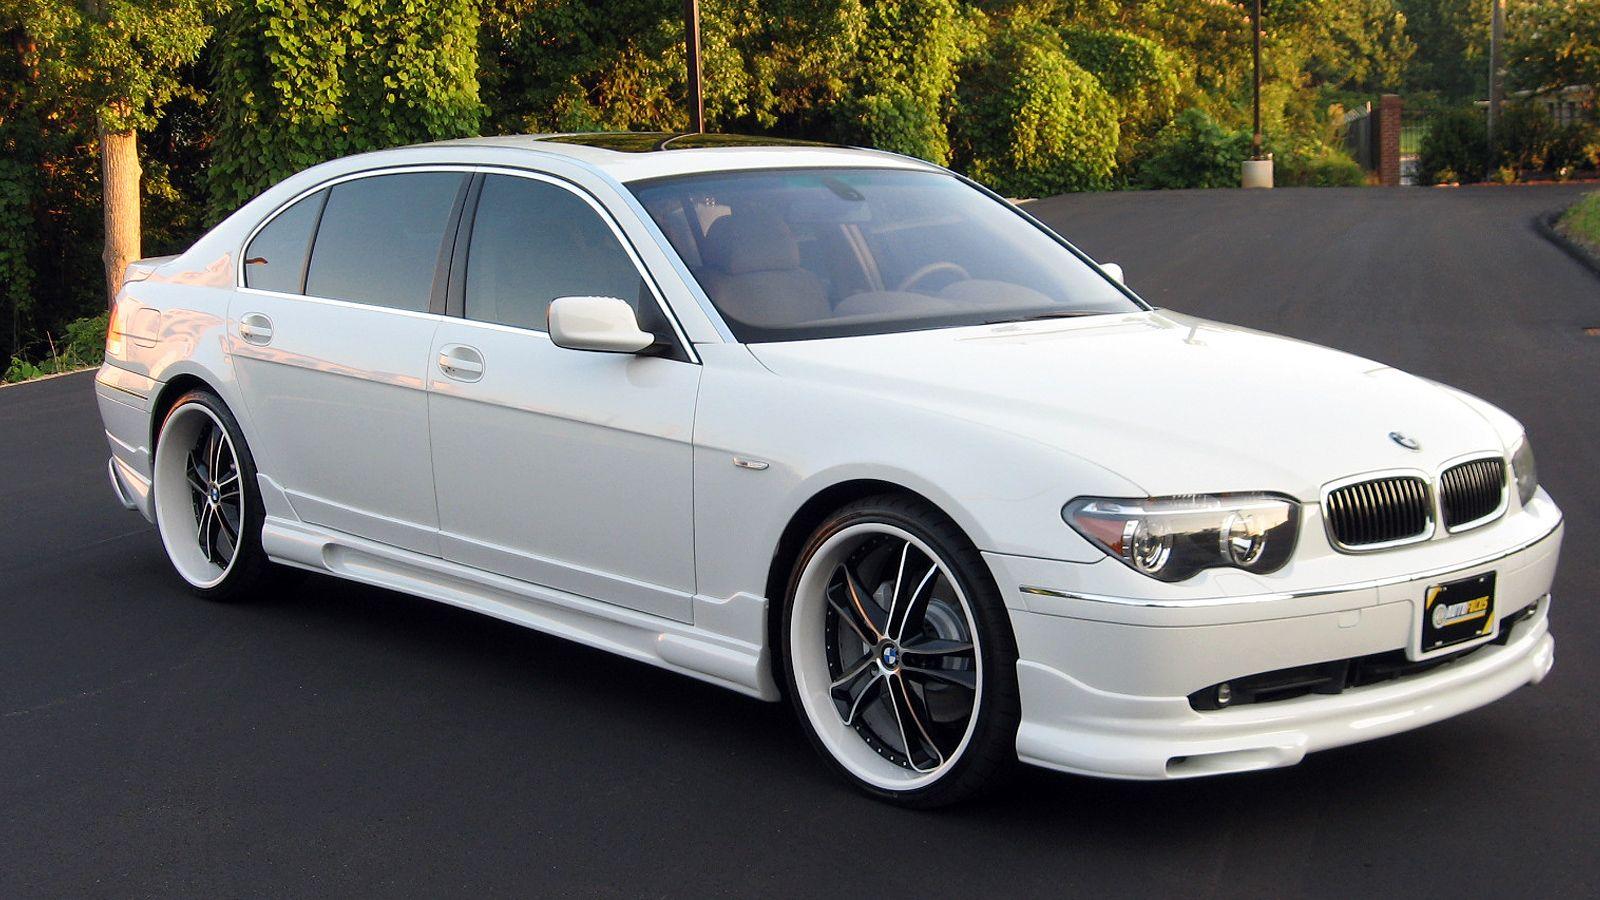 BMW 745 Bmw, Bmw 745li, Custom bmw